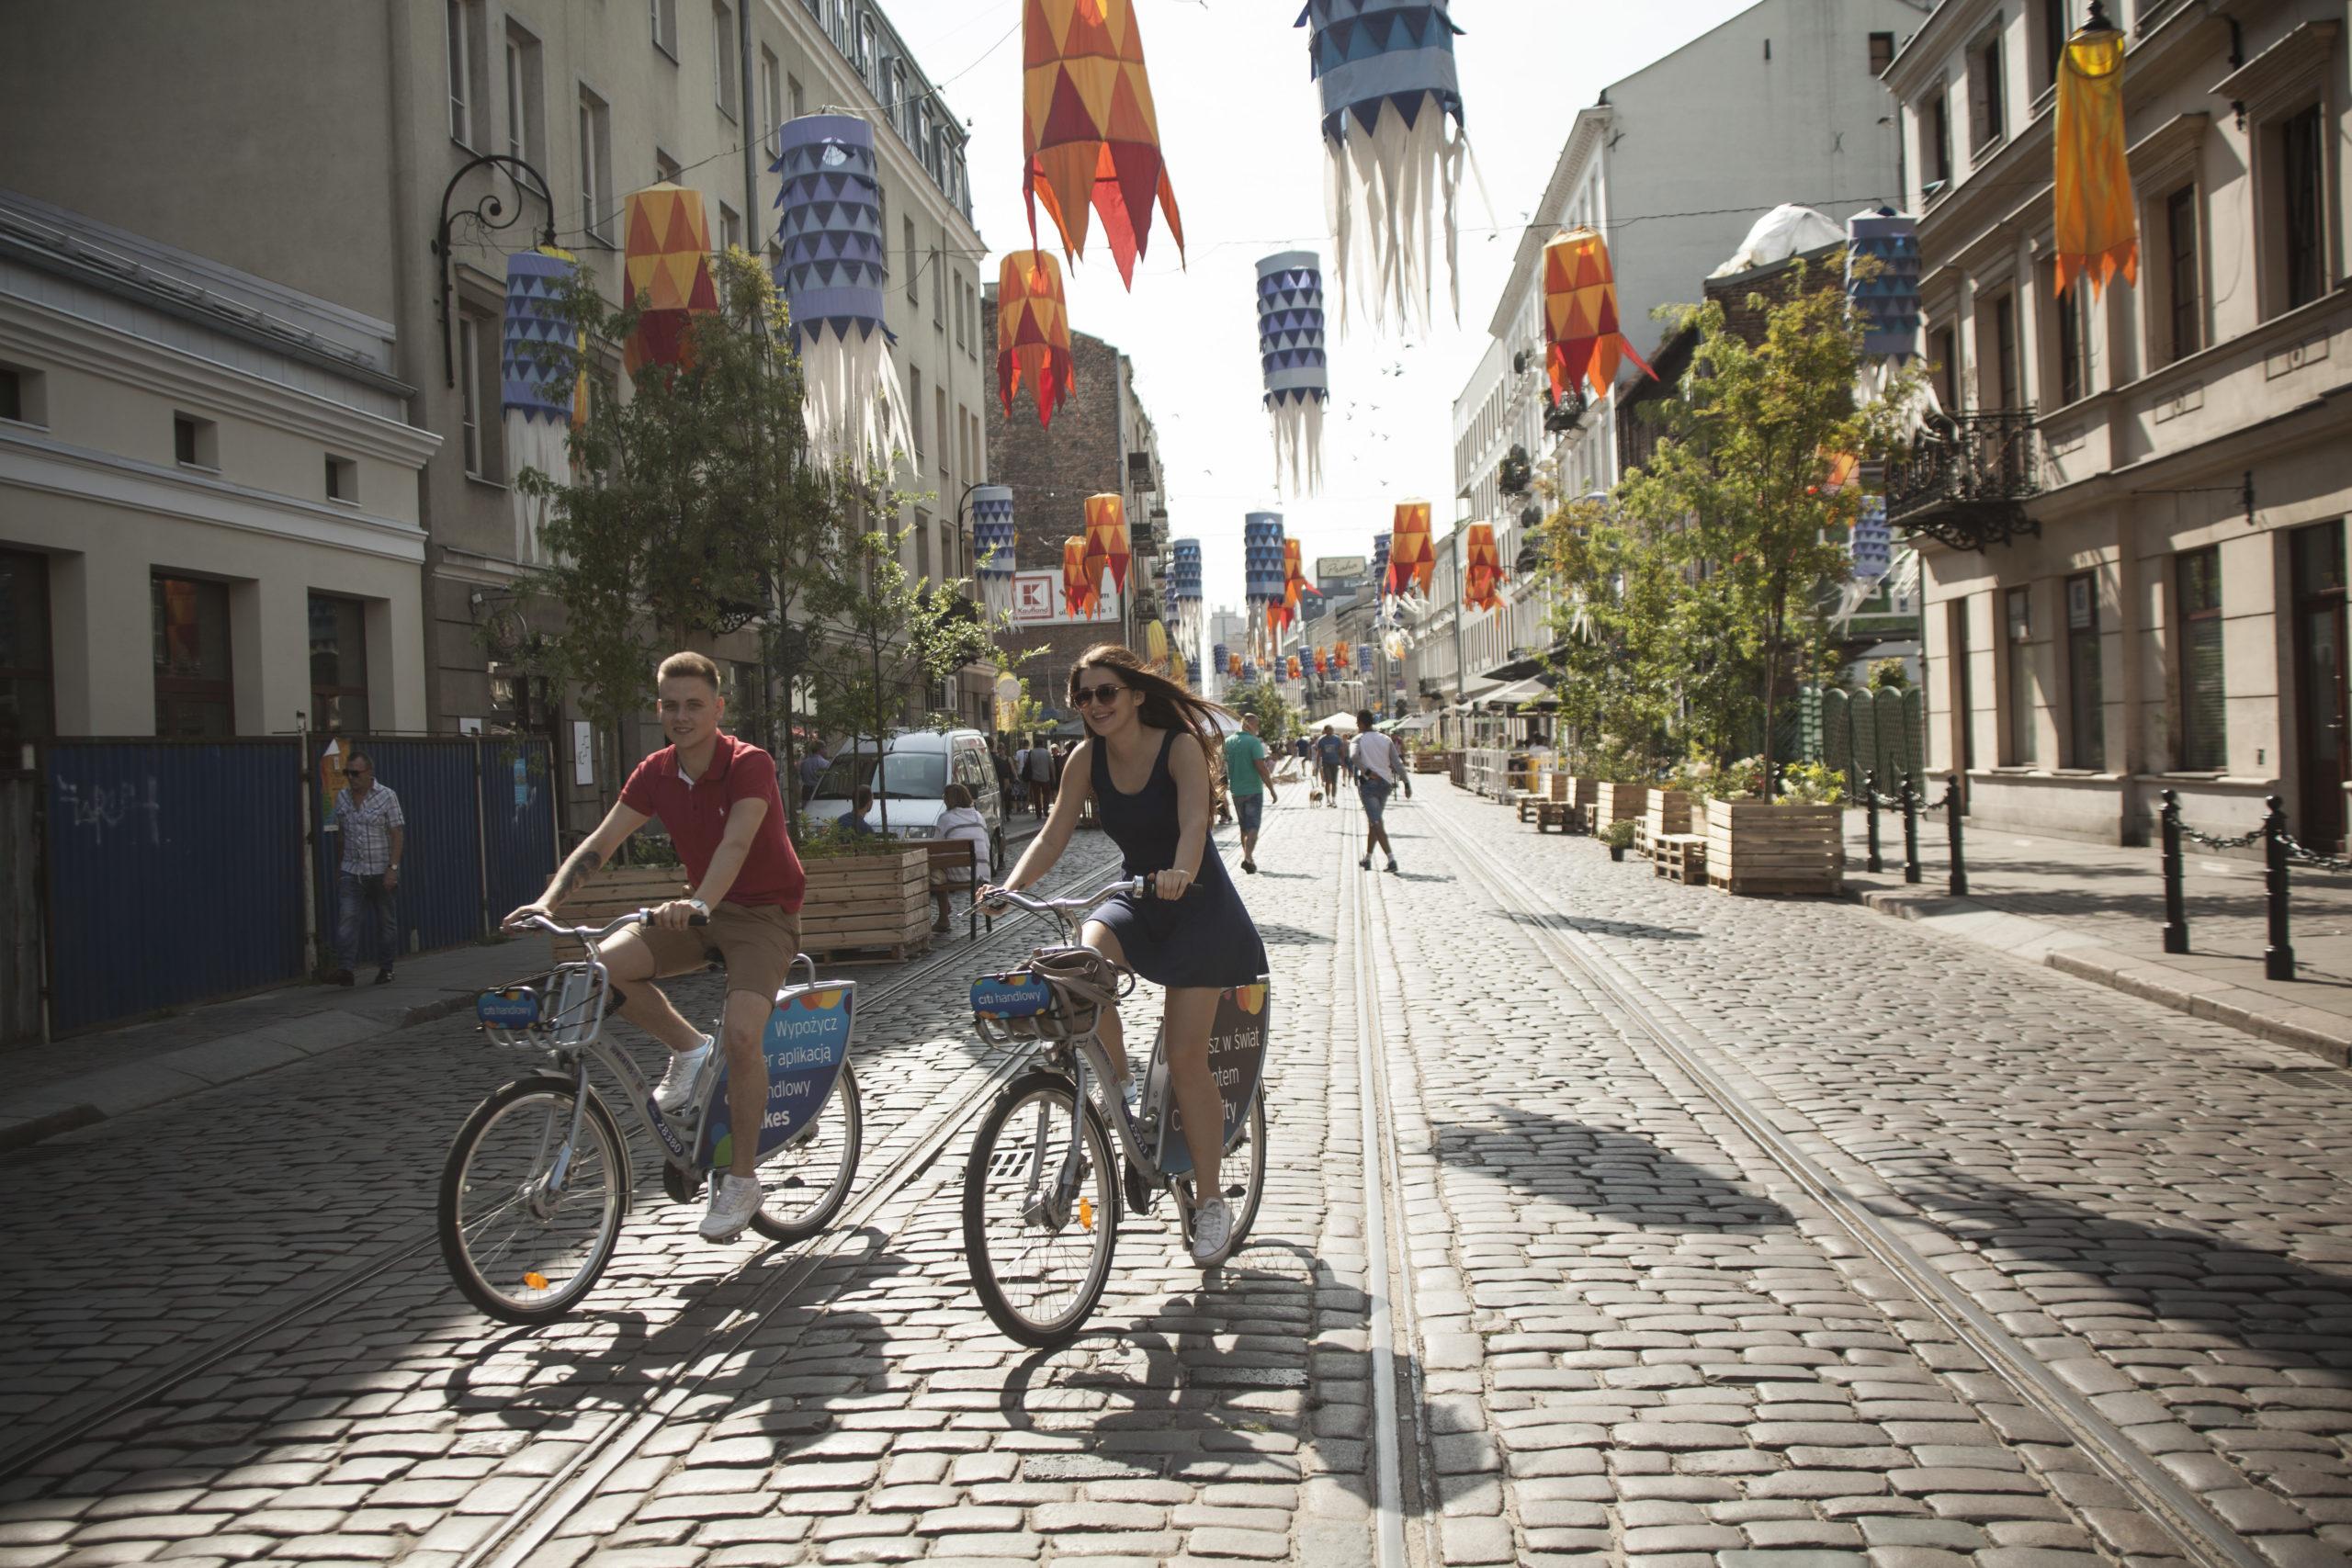 ulica Ząbkowska, Żywa Ulica w Warszawie, rok 2017, fot. Emilia Oksentowicz